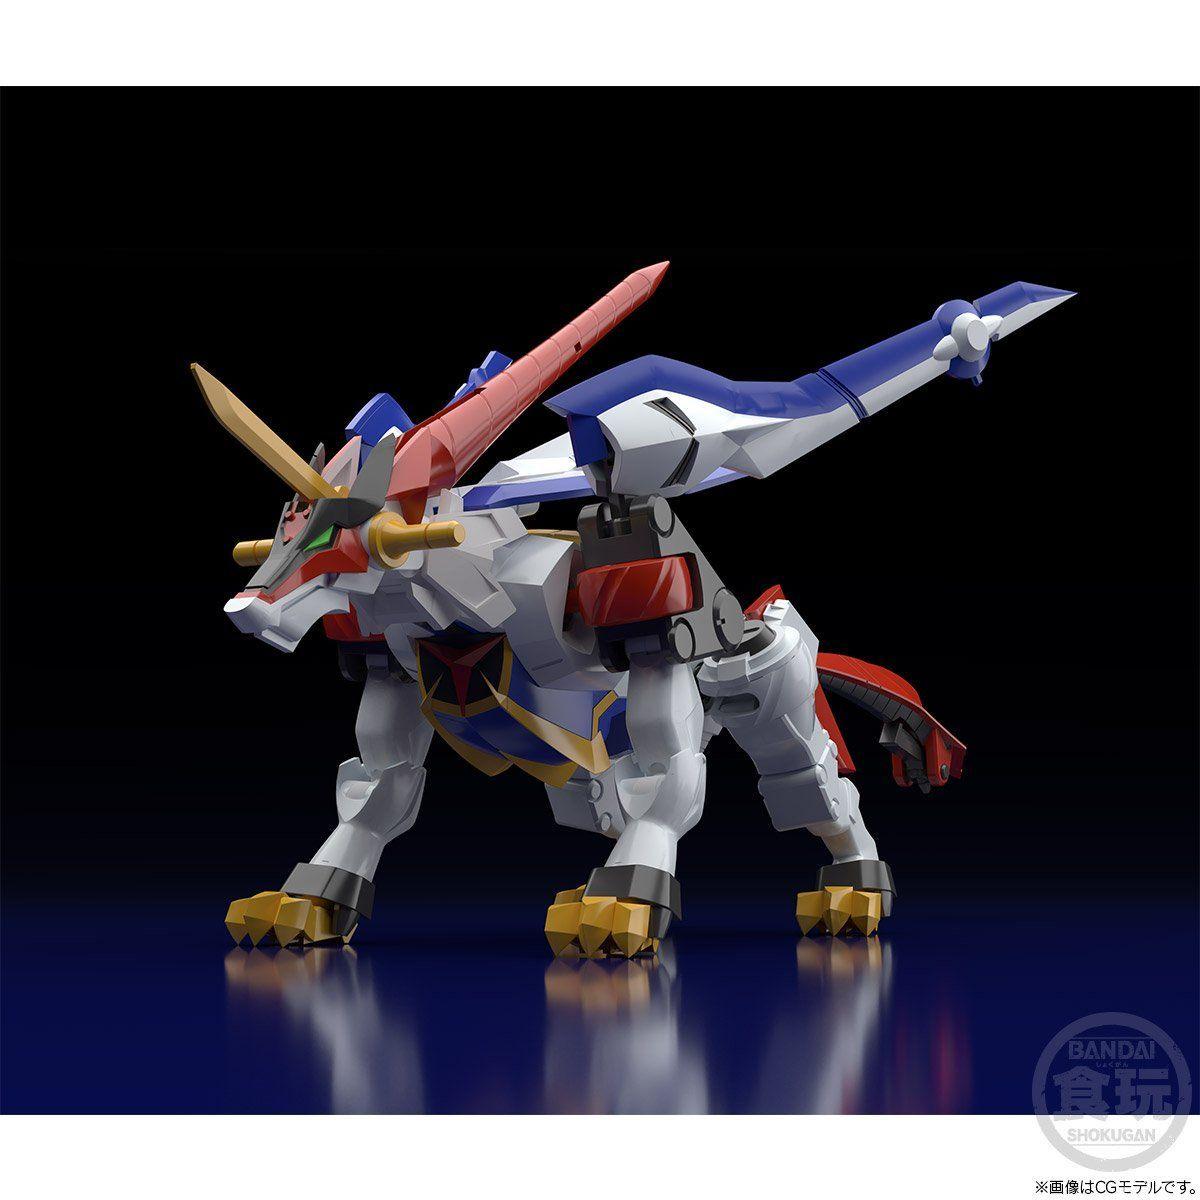 【限定販売】【食玩】スーパーミニプラ『超獣王 輝刃』GEAR戦士電童 プラモデル-002